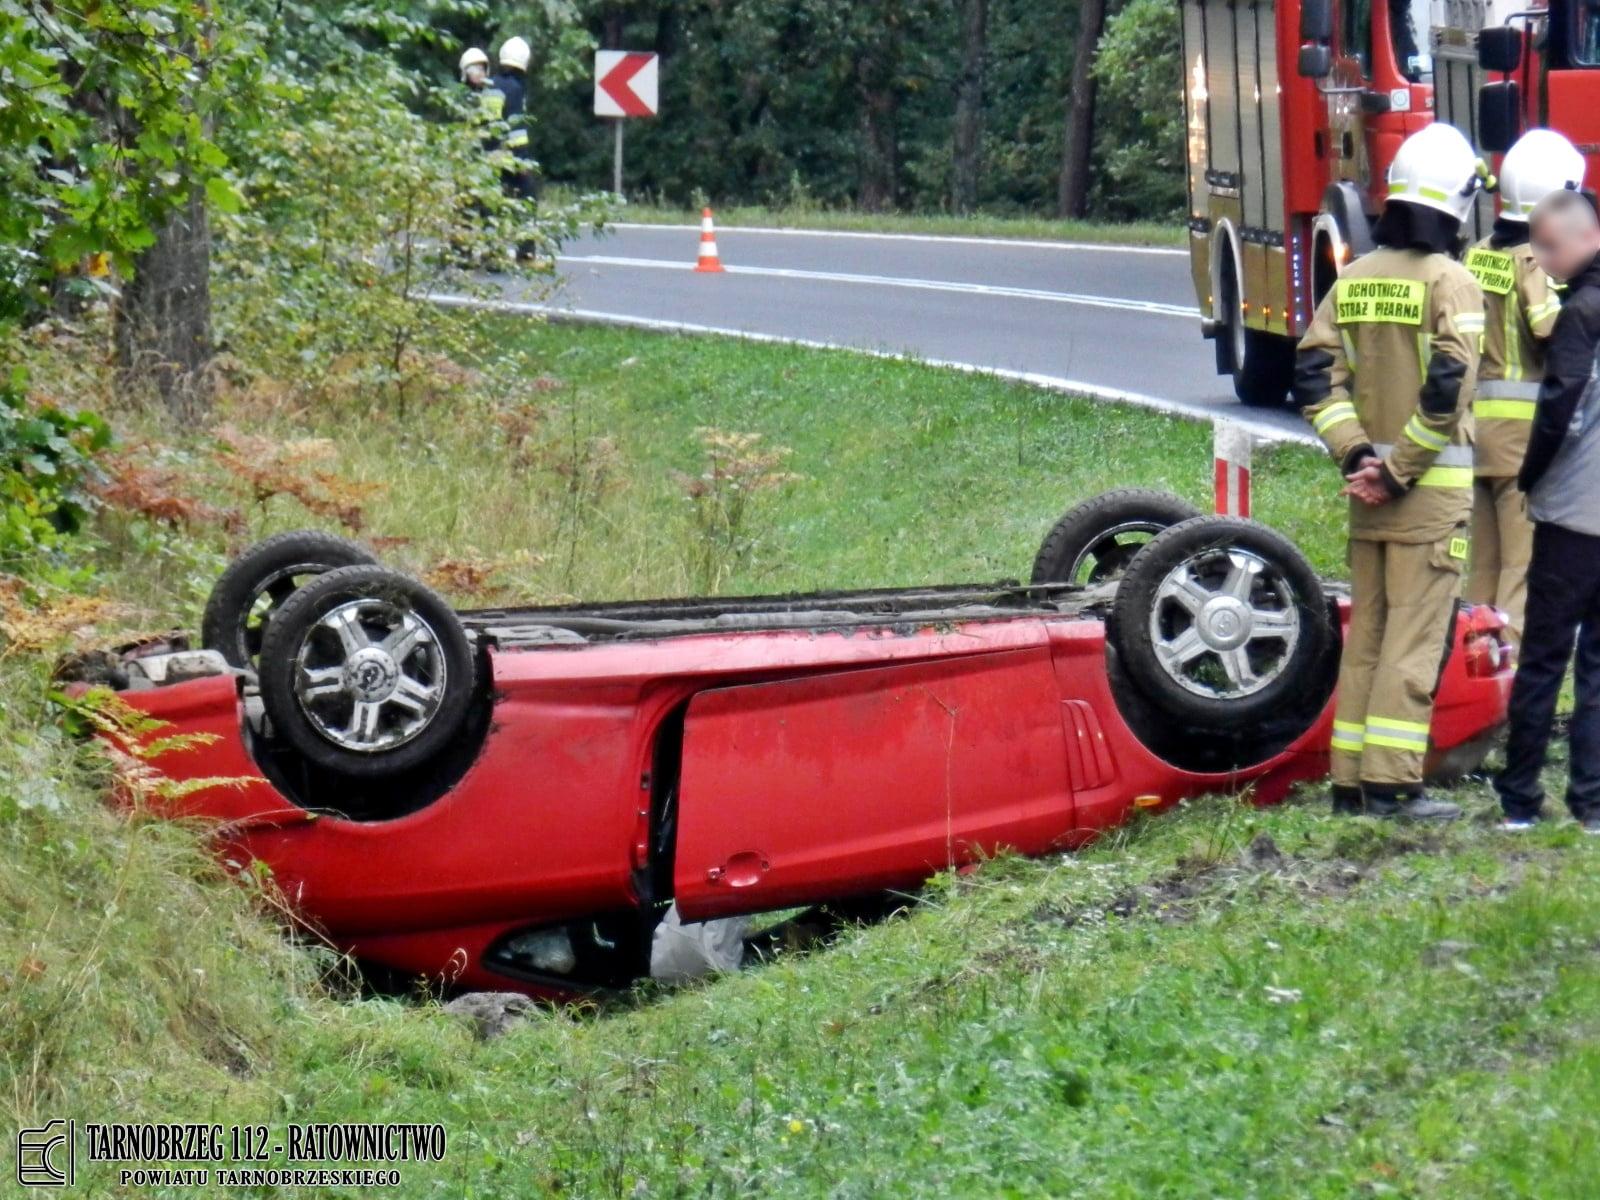 Dachowanie pojazdu na trasie Tarnobrzeg - Stalowa Wola. Trzy osoby ranne! [MAPA, ZDJĘCIA] - Zdjęcie główne